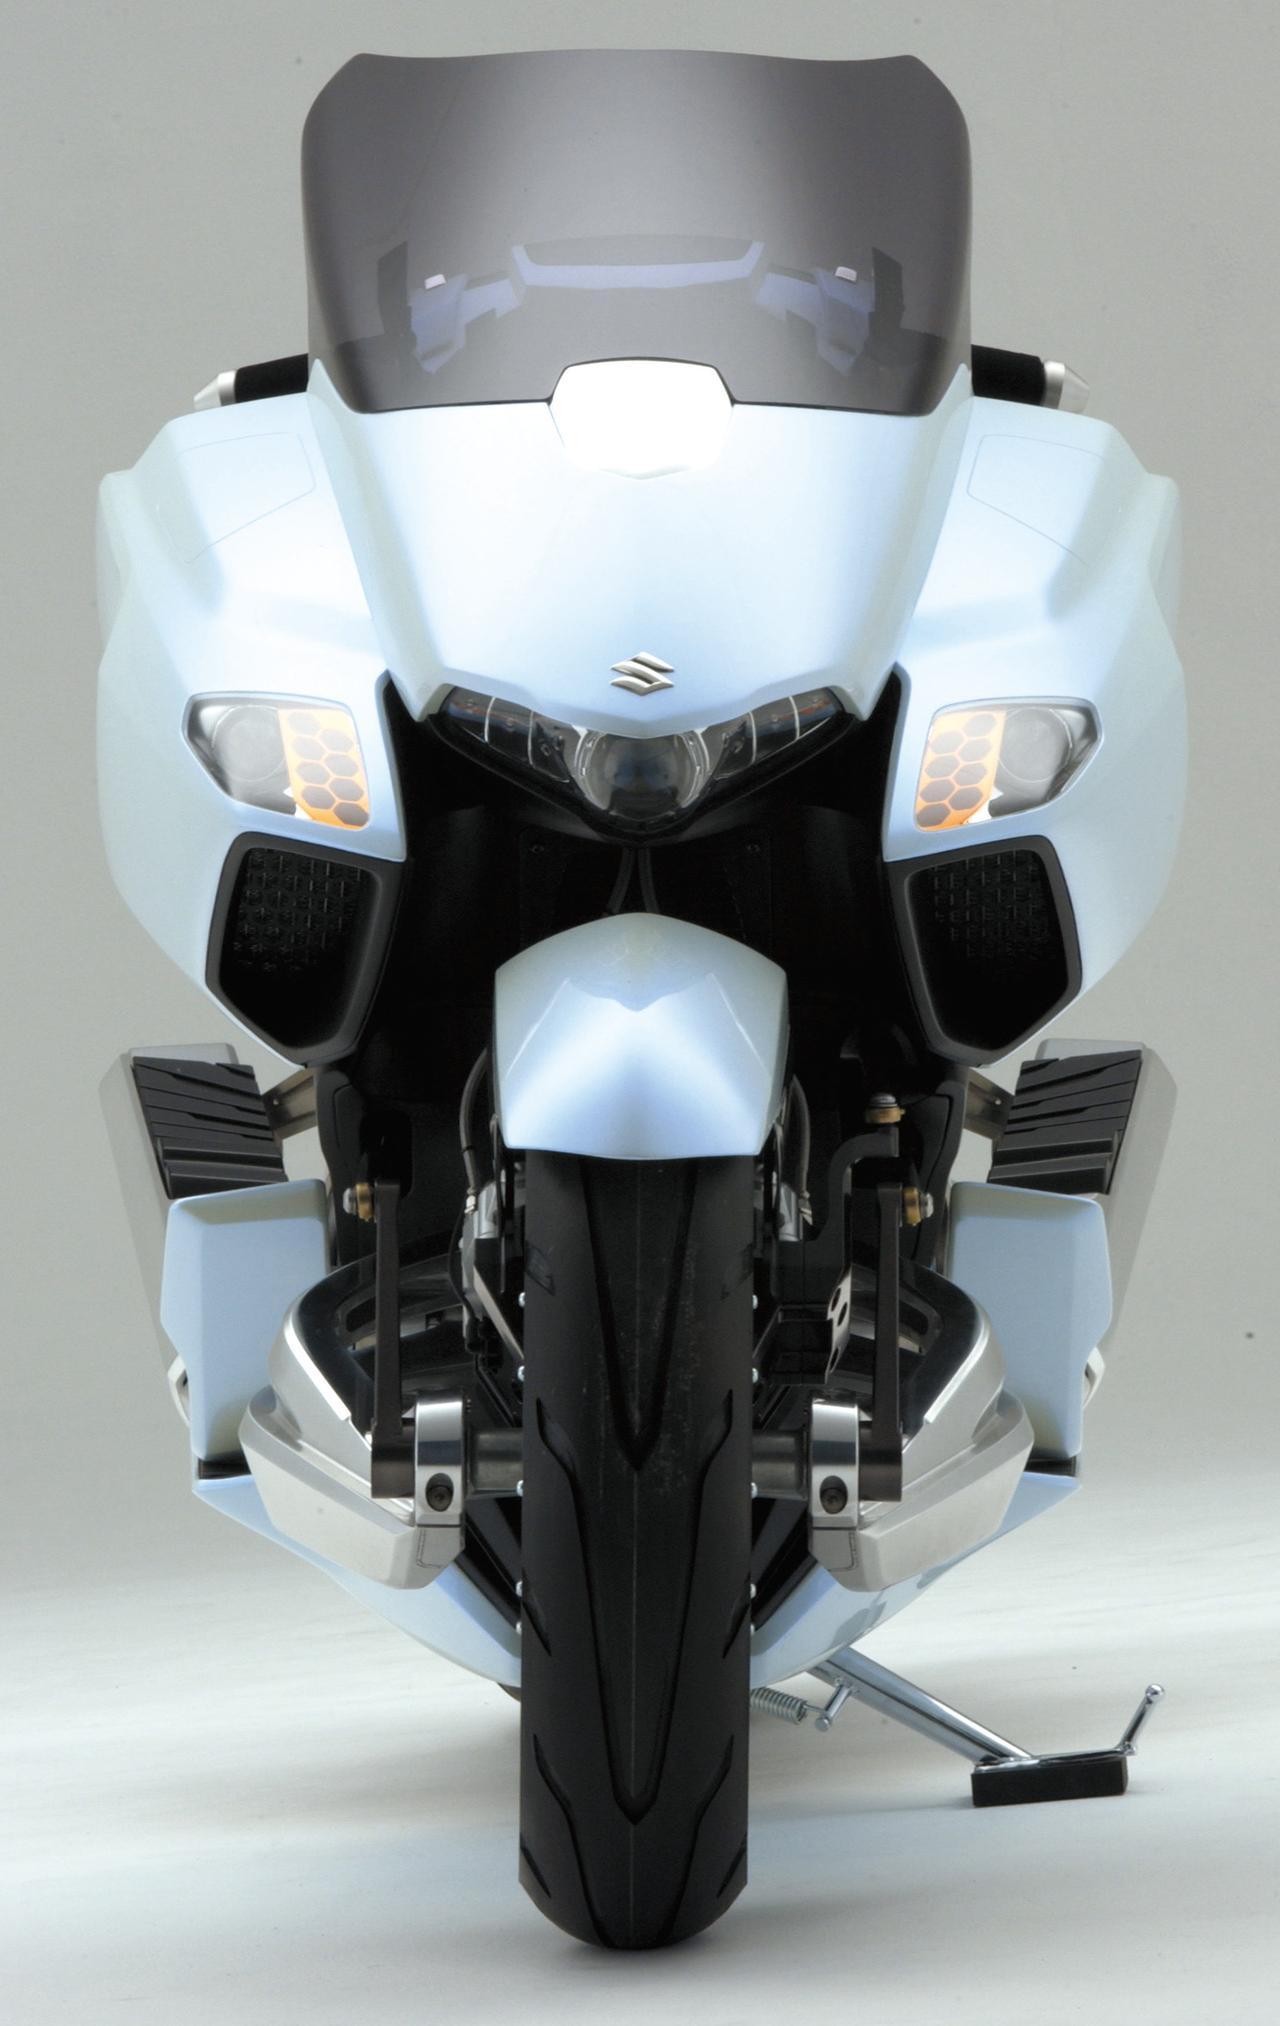 スズキ「Gストライダー」(2003年)~忘れられないコンセプトモデルたち~【東京モーターショー2019直前特別企画 Vol.08】